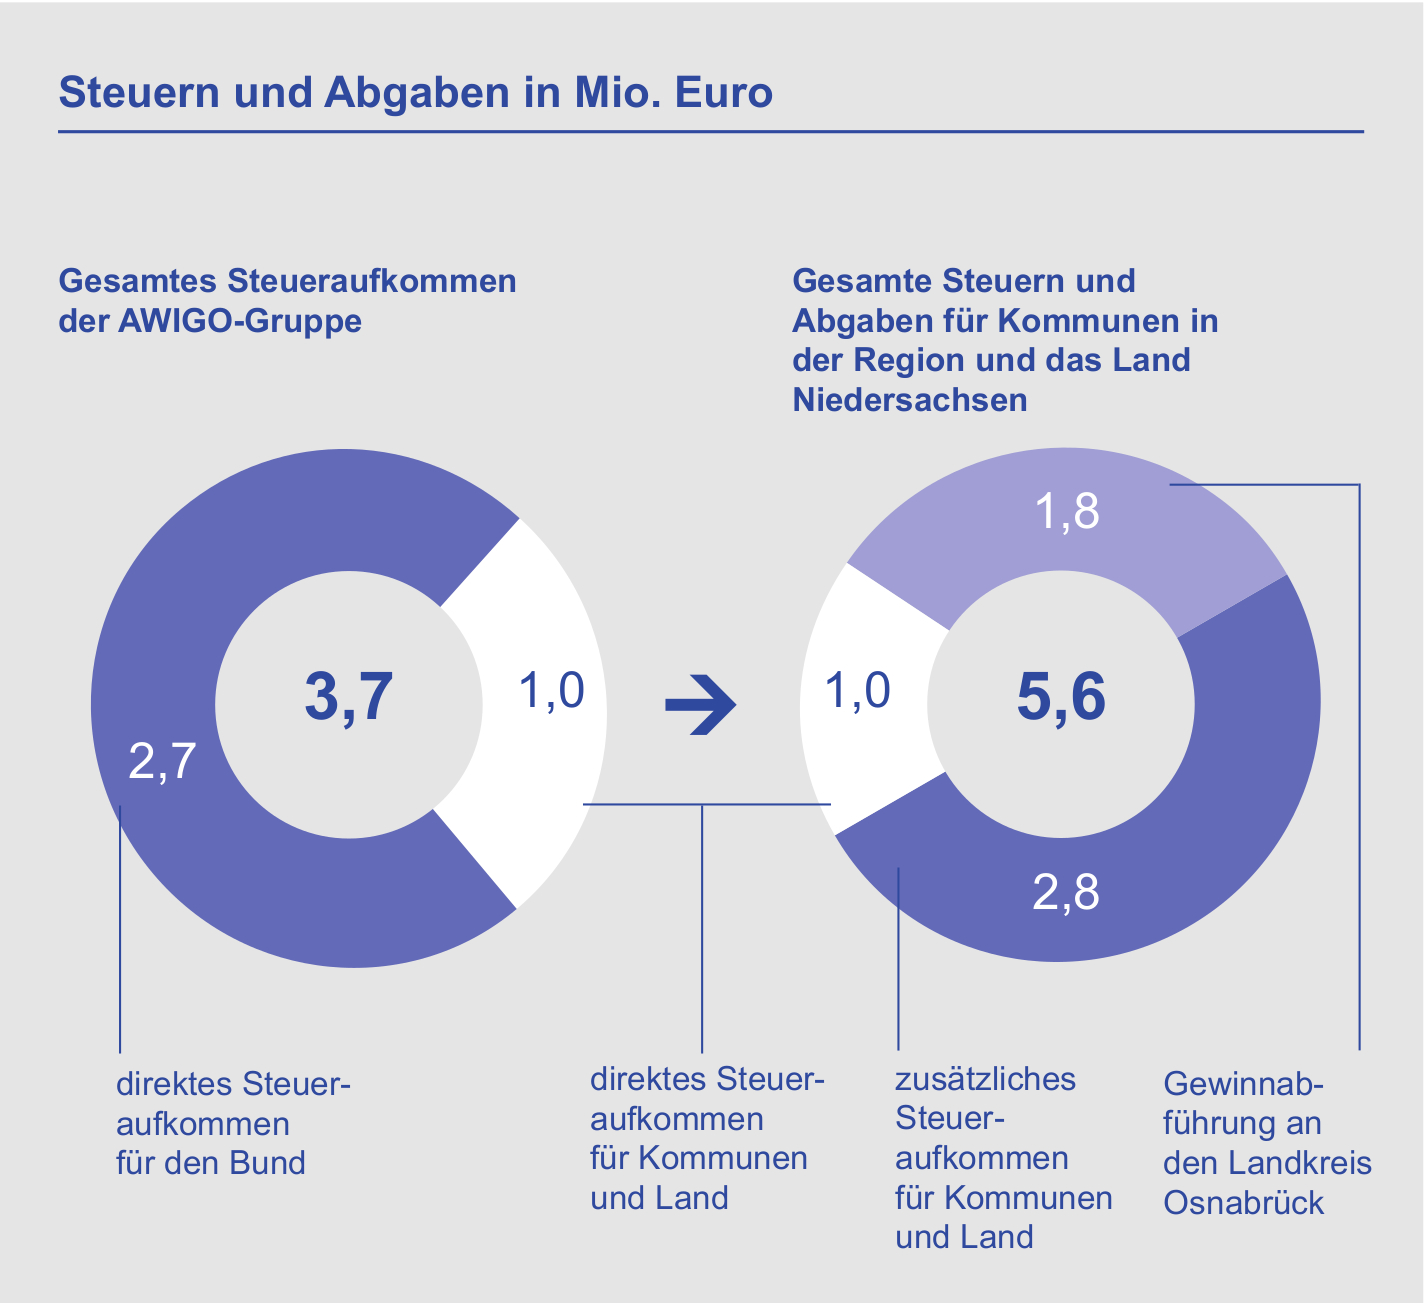 Durch die Geschäftstätigkeit der AWIGO-Gruppe kommen den Kommunen und dem Land jedes Jahr Steuern und Gewinnausschüttungen in Höhe von 5,6 Millionen Euro zugute, von denen letztlich alle Menschen im Raum Osnabrück profitieren.